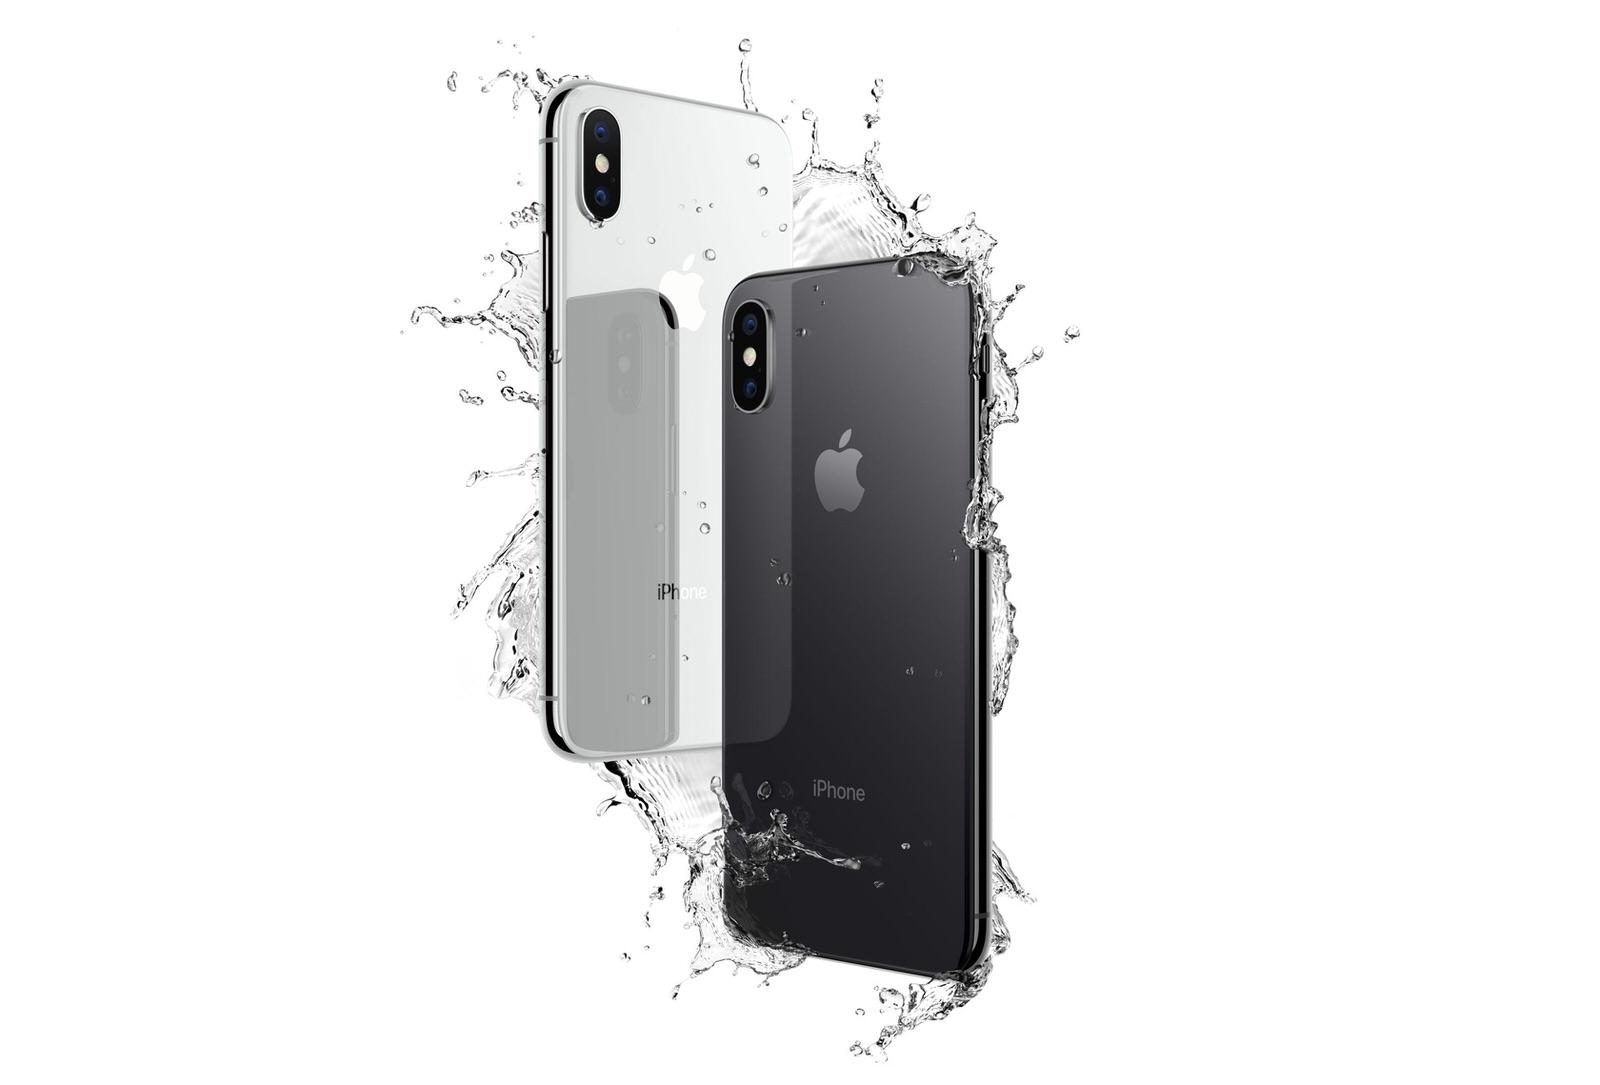 [iPhone]【閲覧注意】トイレに落とした「iPhone X」が水没!躊躇無く取りに行った自分がエライと思った件